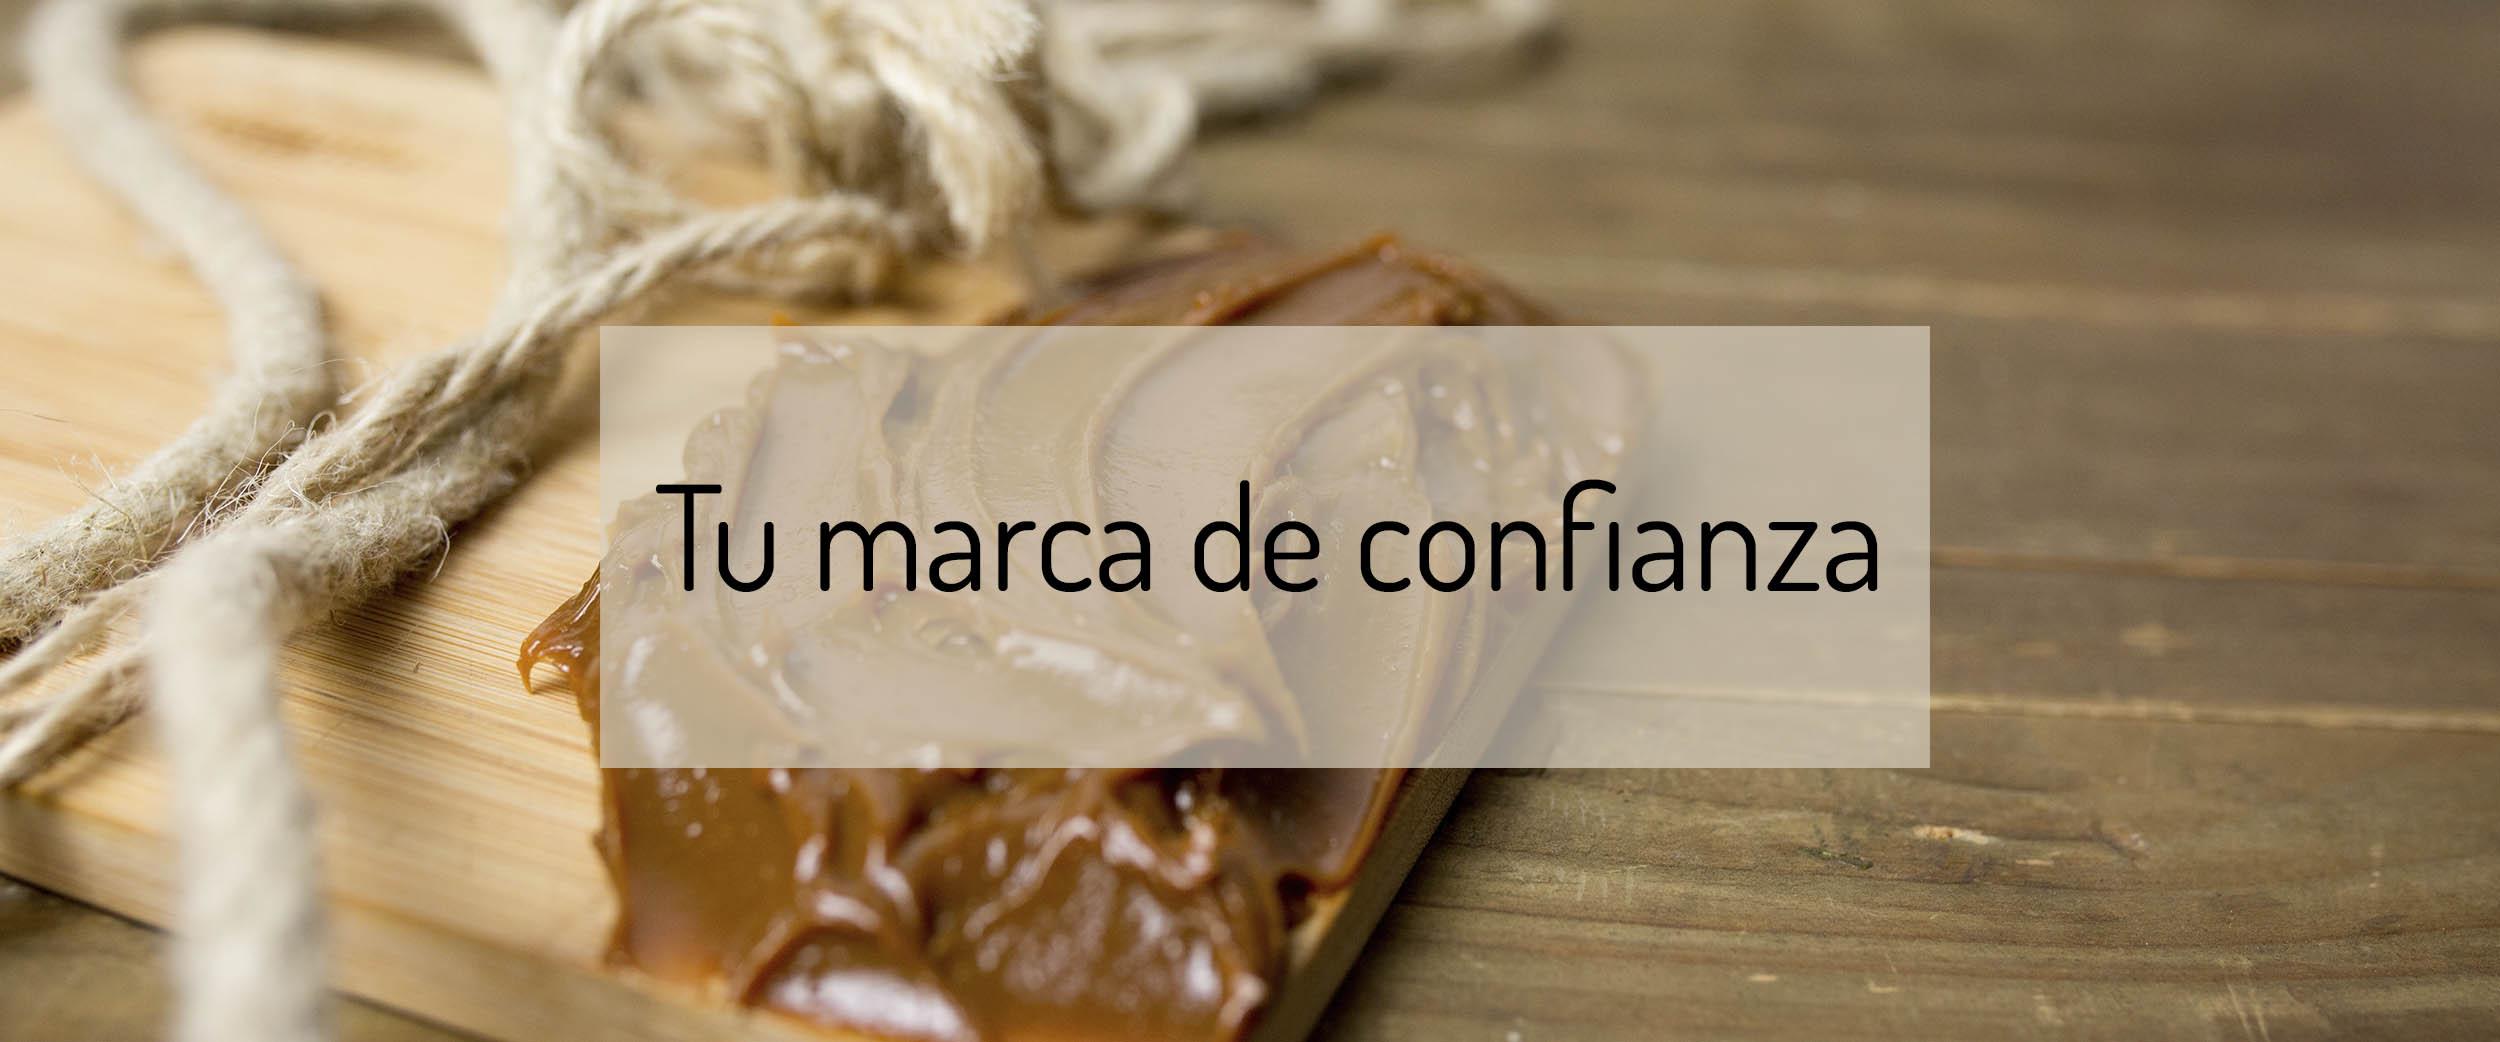 smilken es tu marca de confianza de dulce de leche en madrid